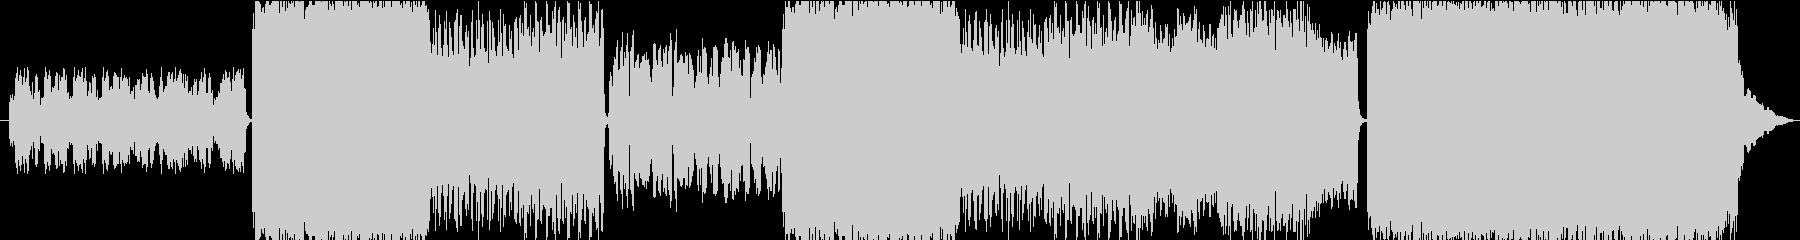 中世ヨーロッパ風のオーケストラBGMの未再生の波形